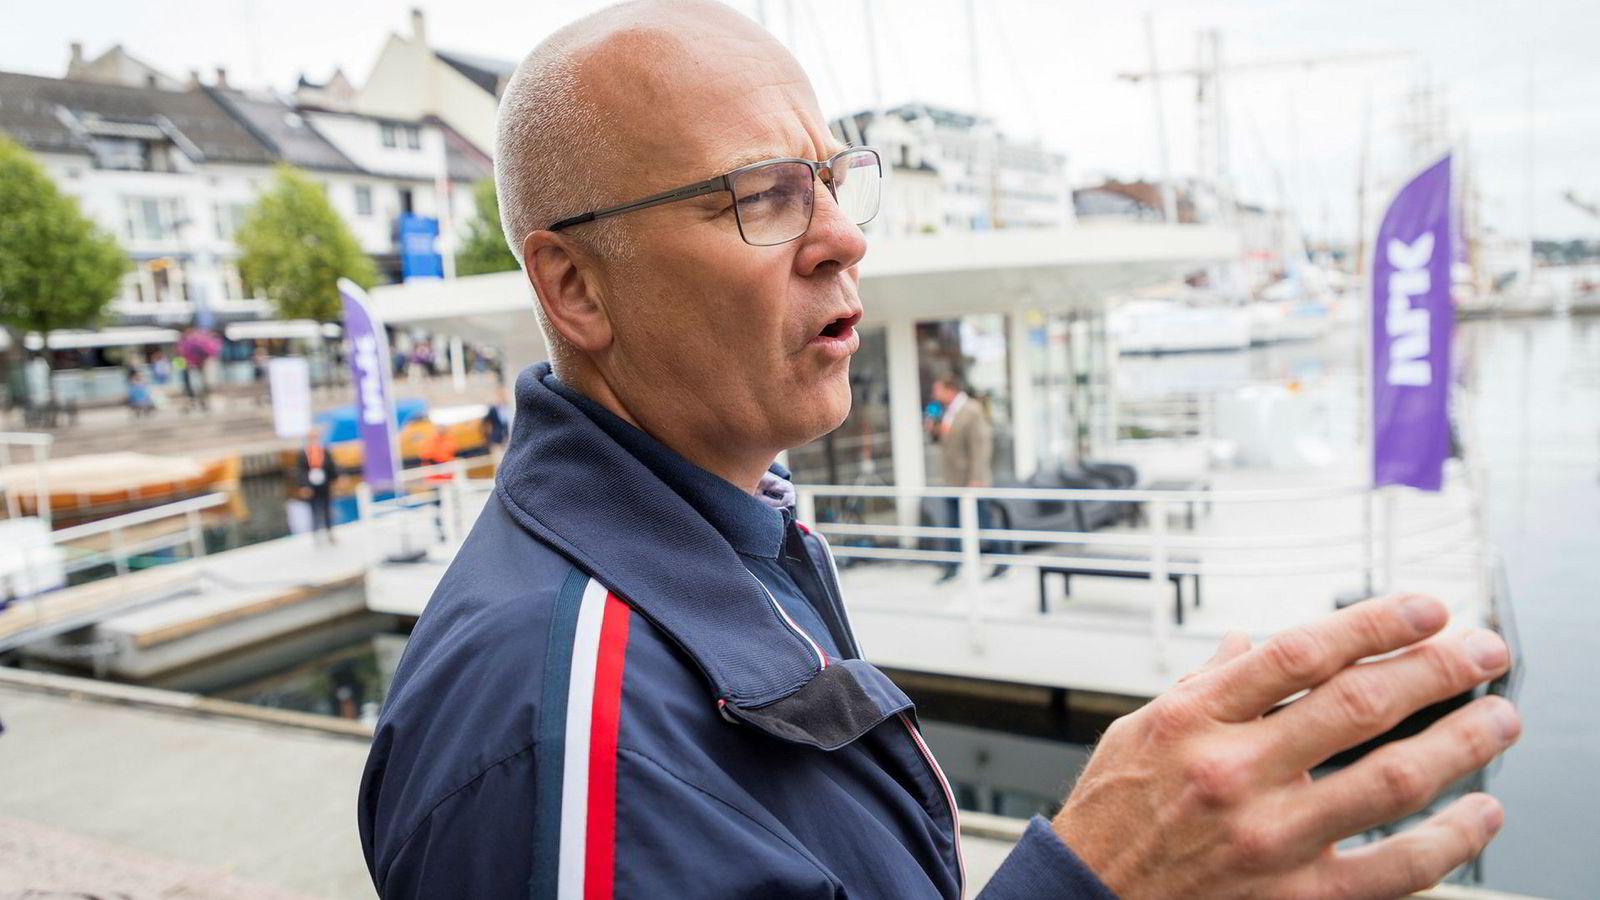 Dette er ikke klaging fra en kringkastingssjef, skriver NRK-topp Thor Gjermund Eriksen, og avviser at NRKs inntekter har gått i været, slik kritikerne hevder. Her fotografert under Arendalsuka.